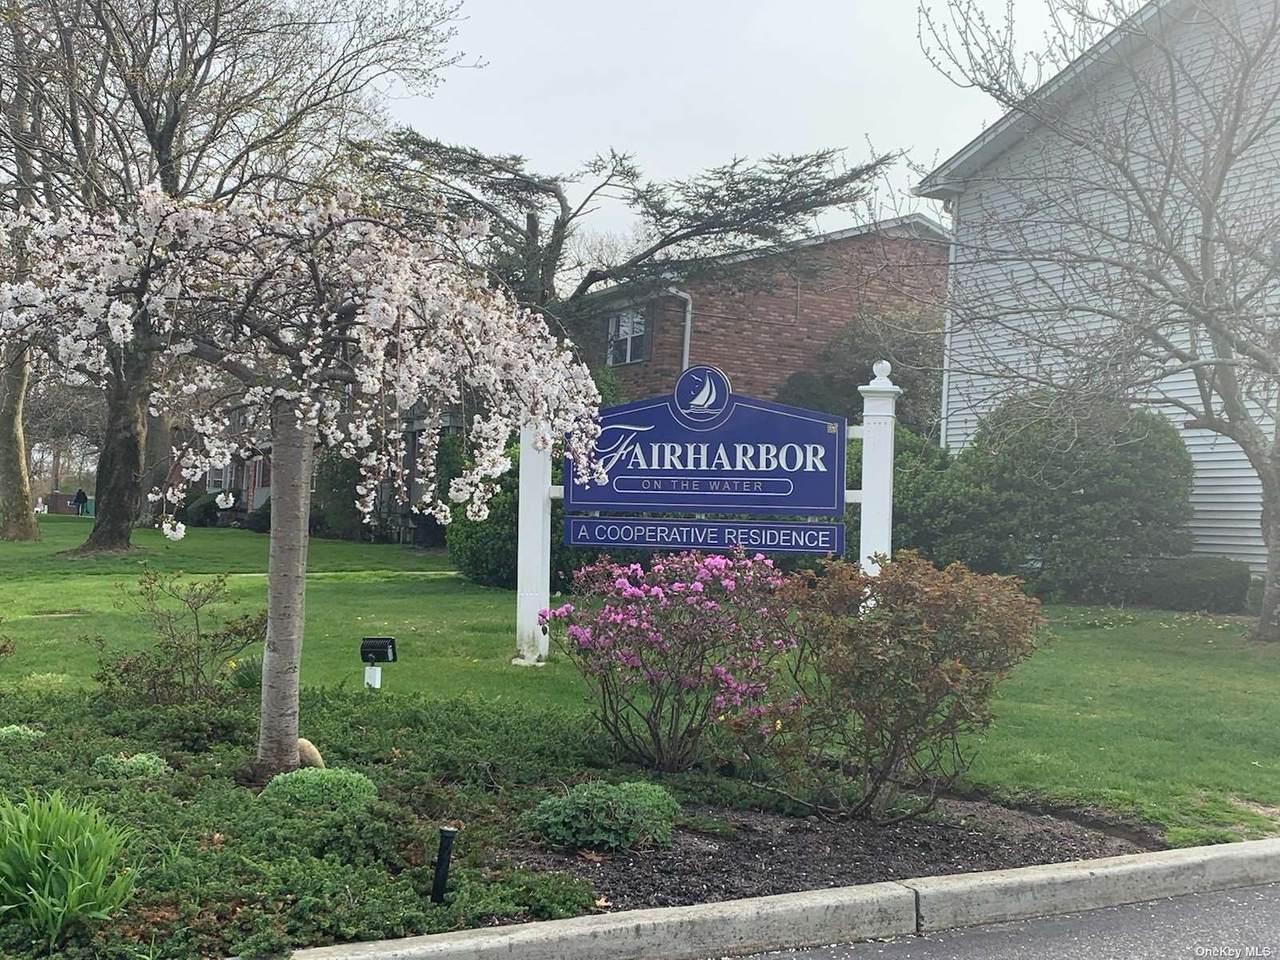 241 Fairharbor Drive - Photo 1